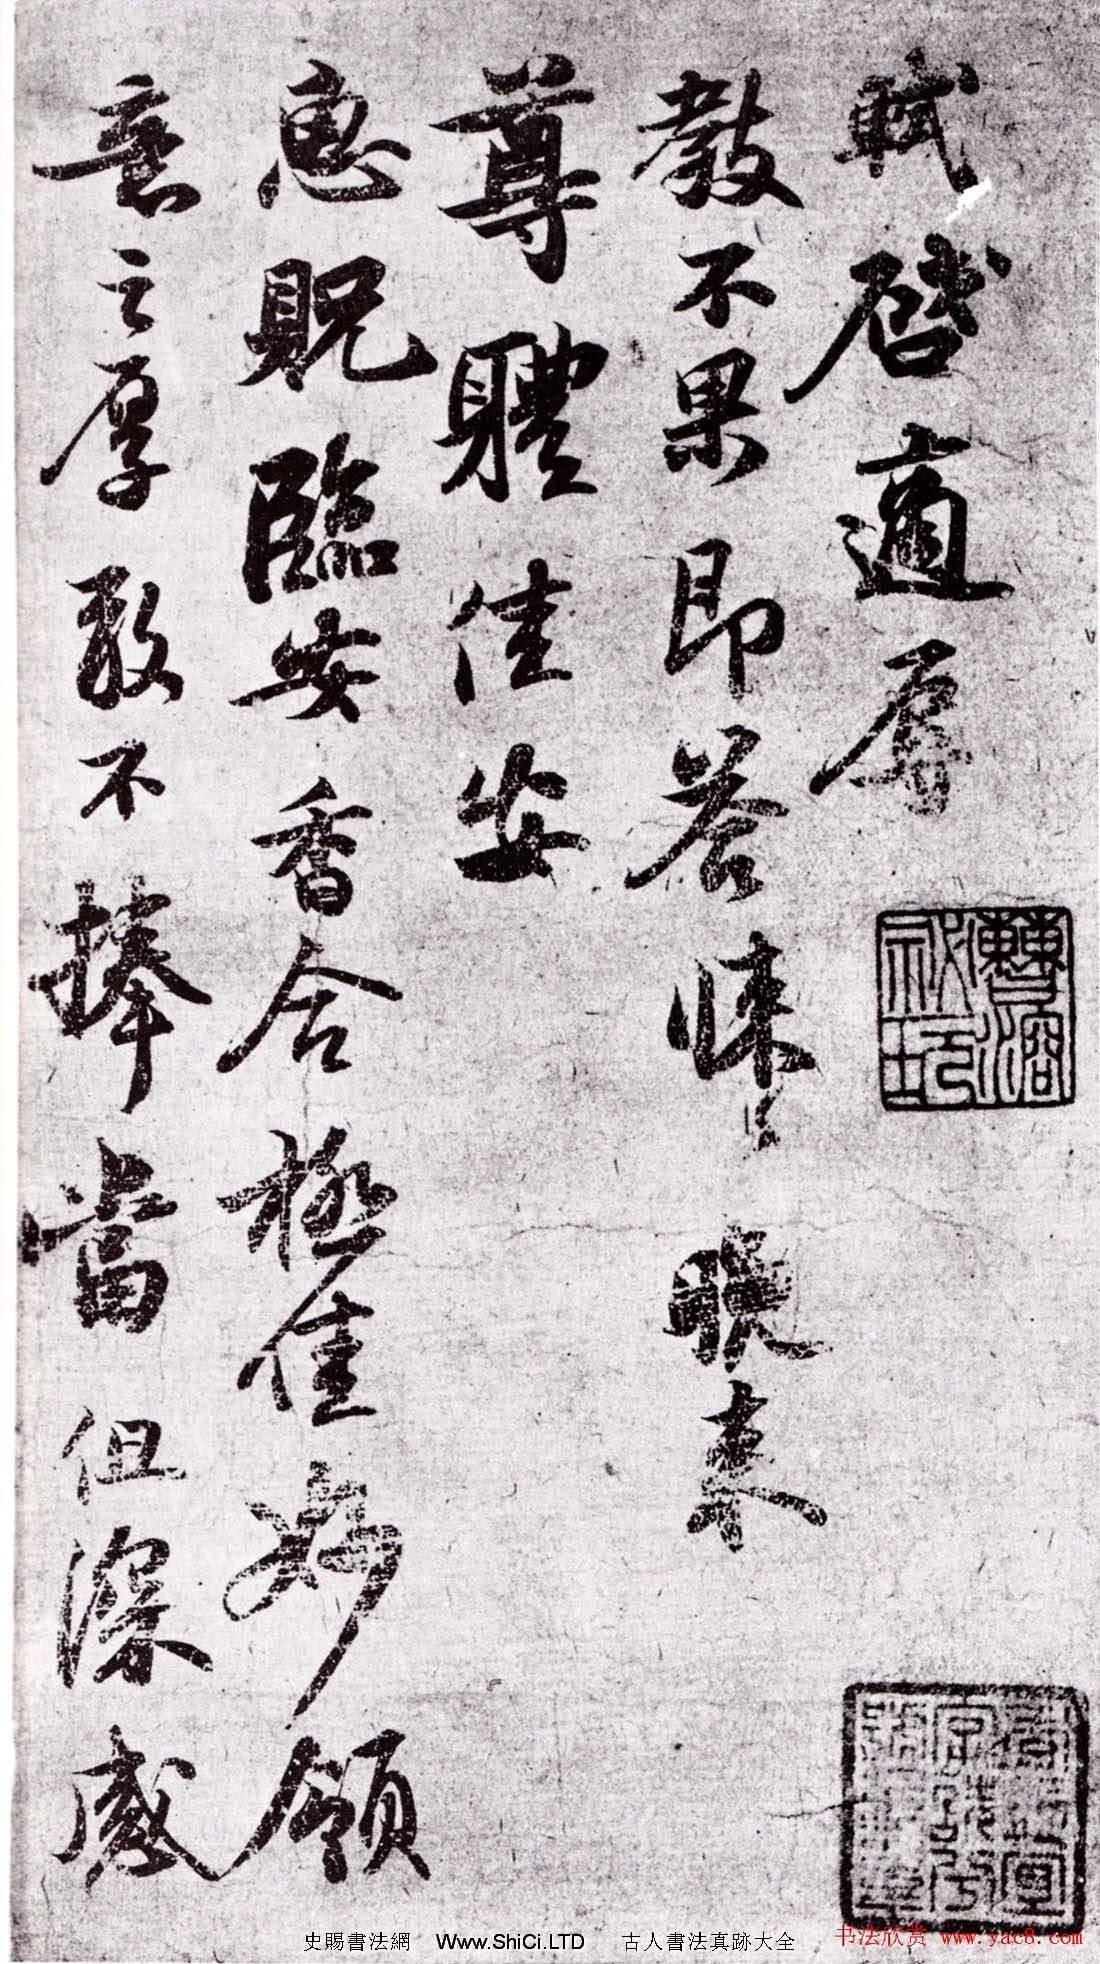 蘇軾行書作品真跡《致運句太博帖》(共2張圖片)